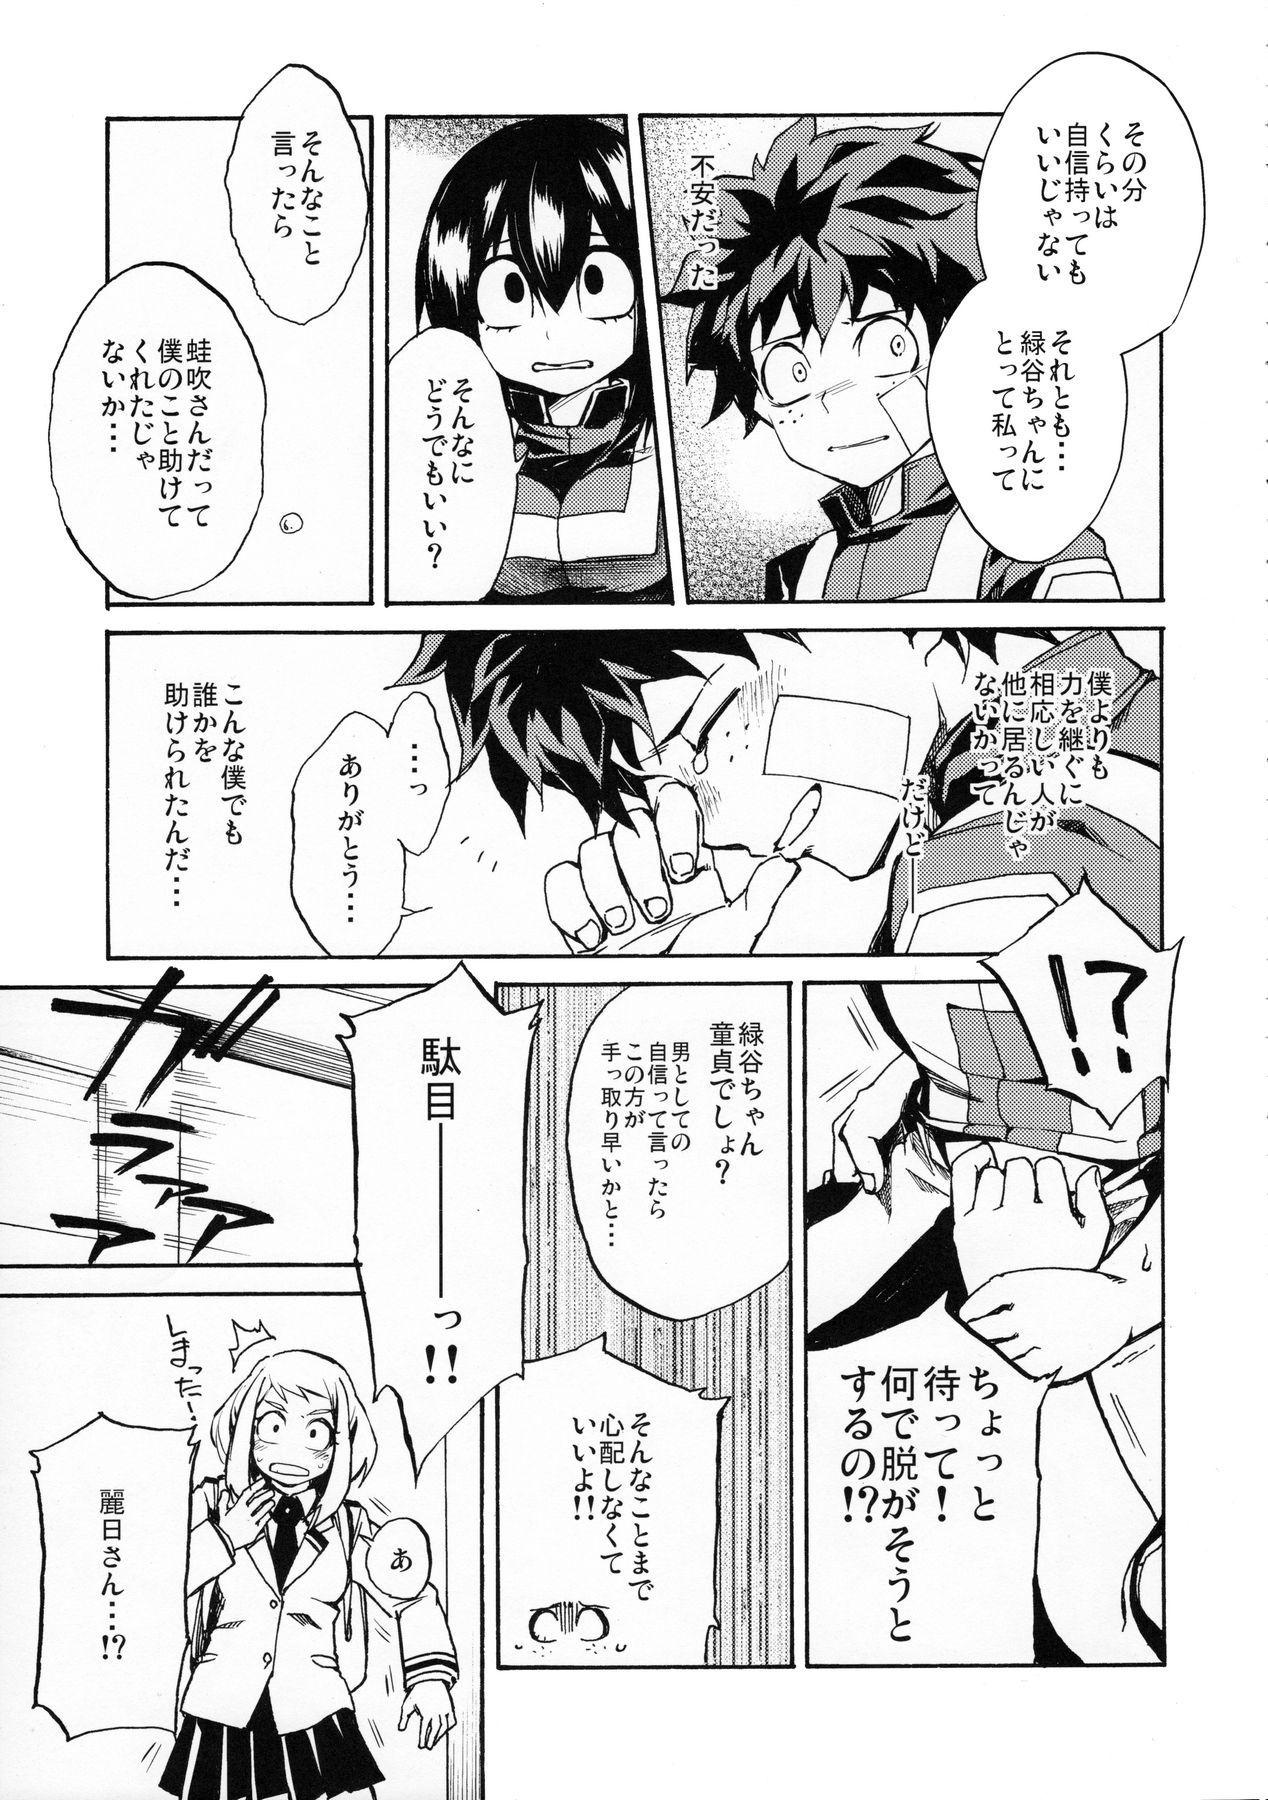 Ukiseikou hentai manga picture 8